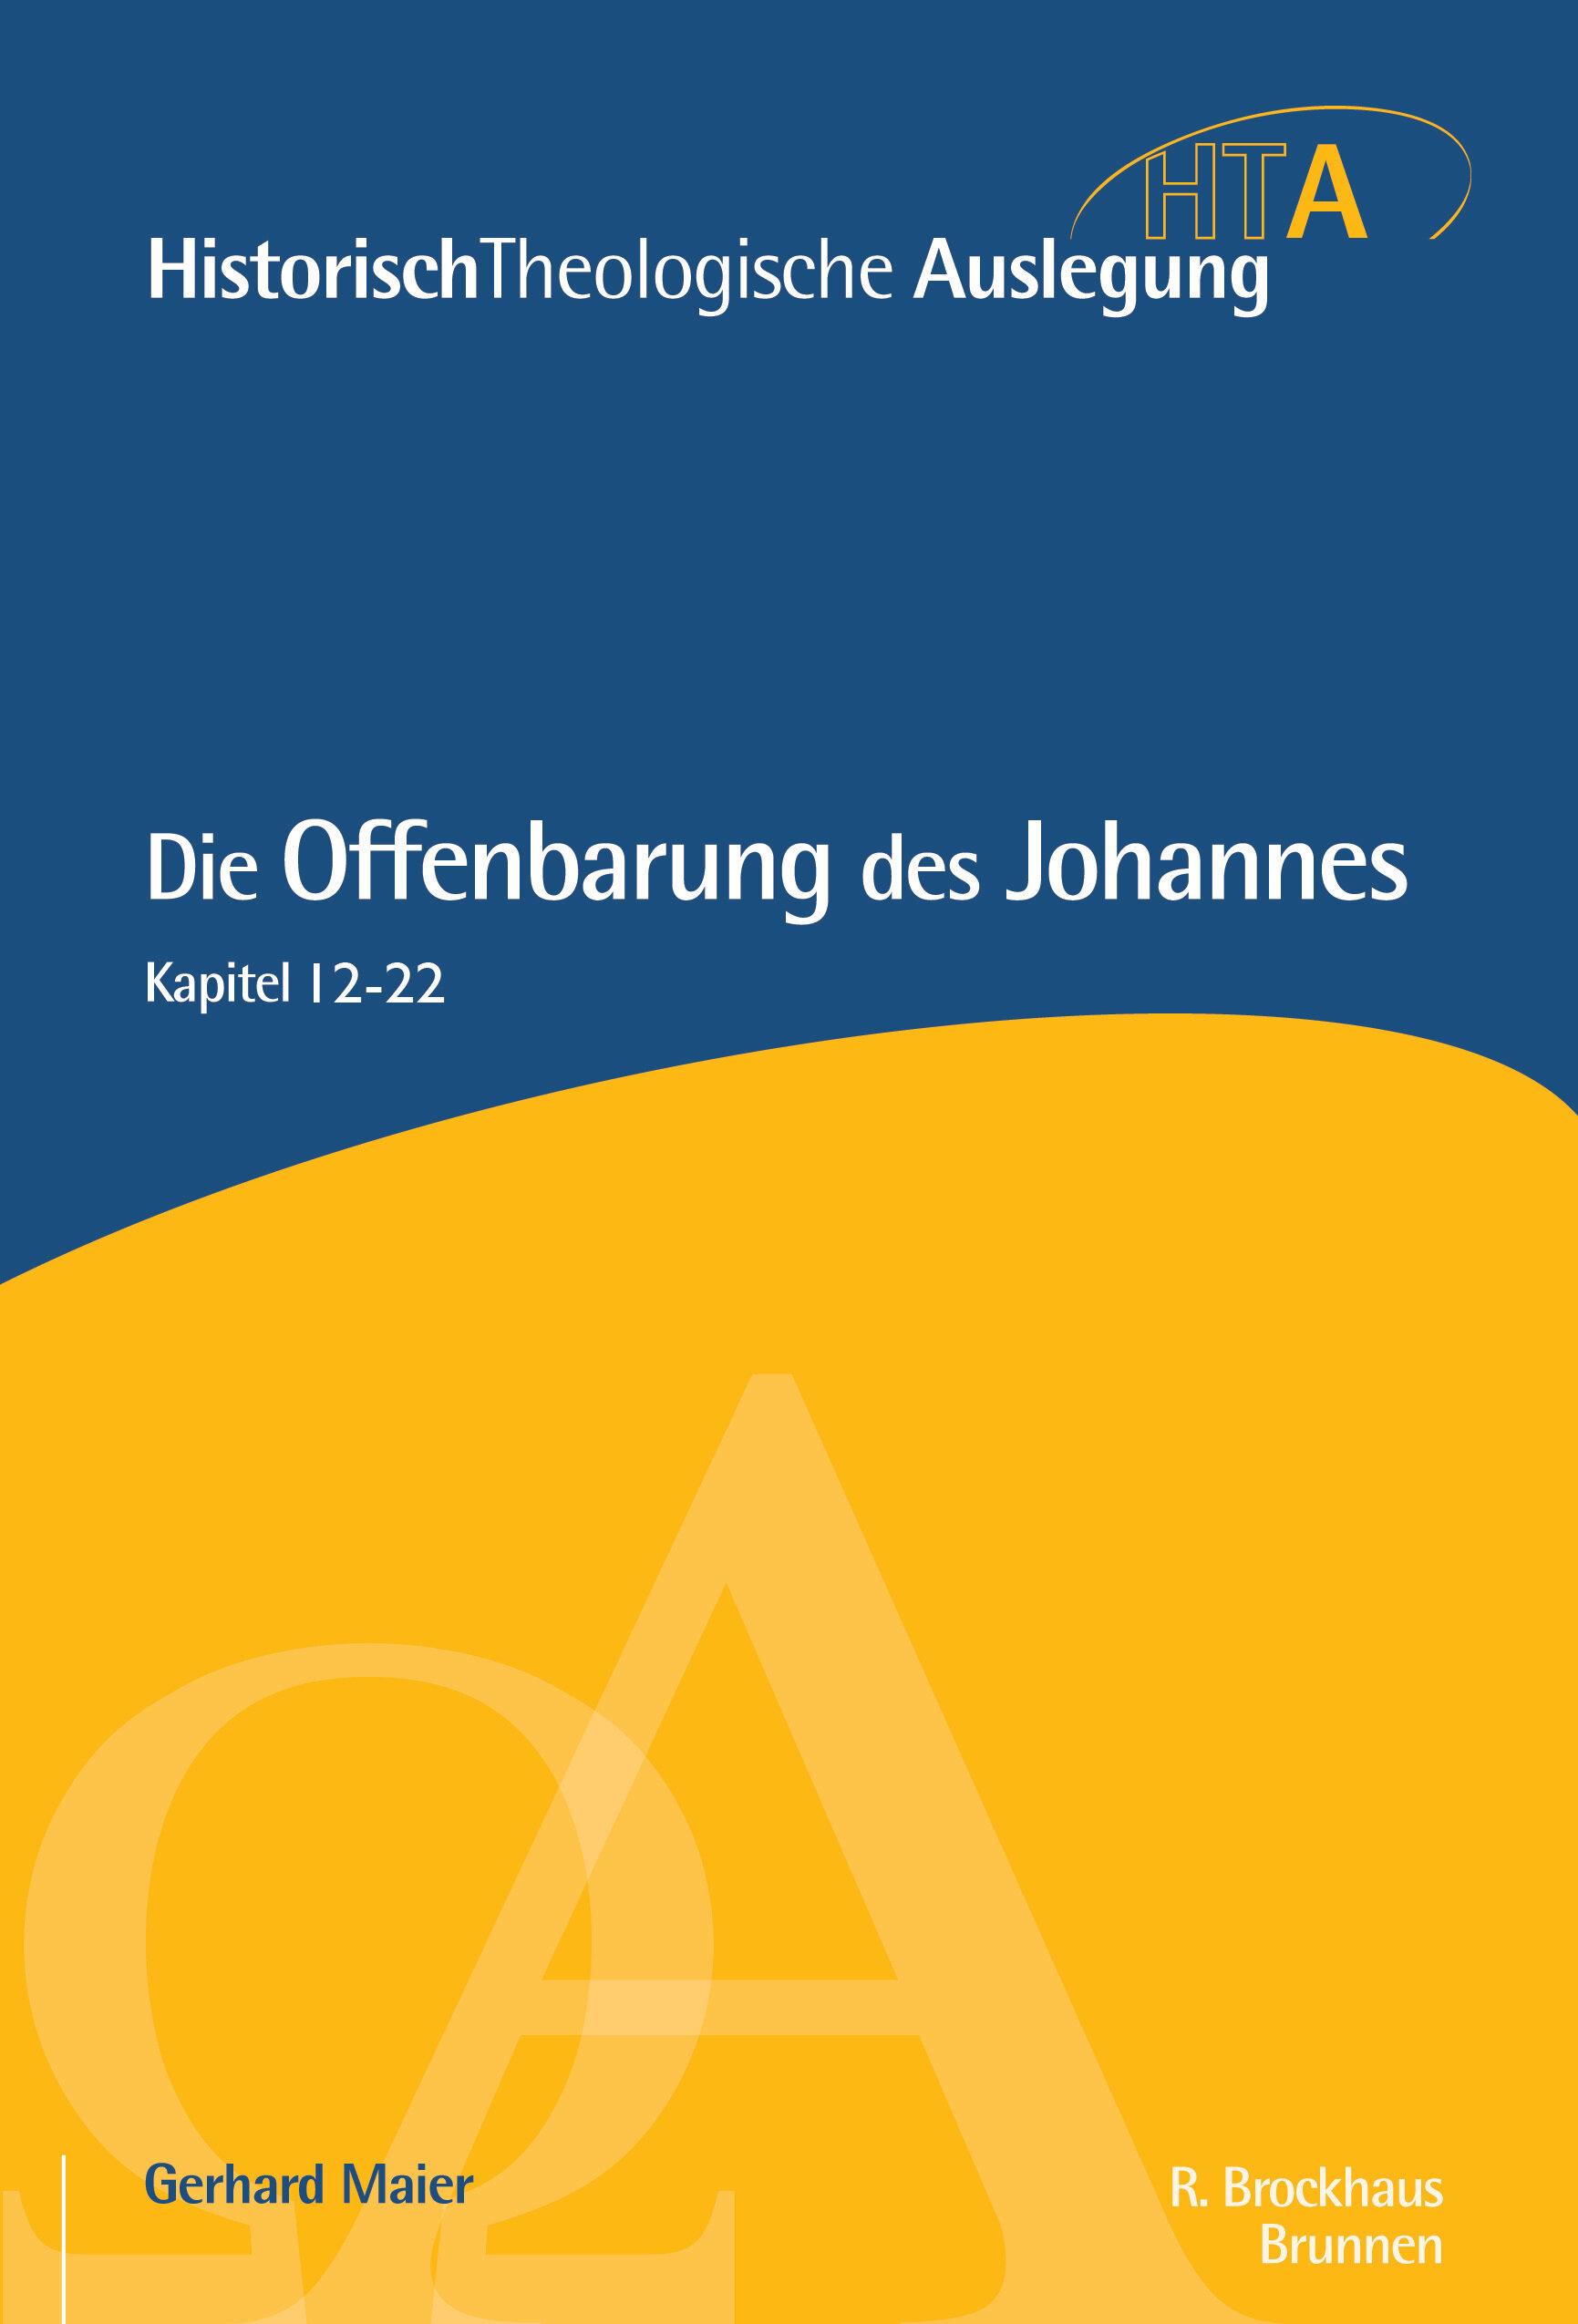 Die Offenbarung des Johannes: Kapitel 12–22 (Historisch-Theologische Auslegung | HTA)